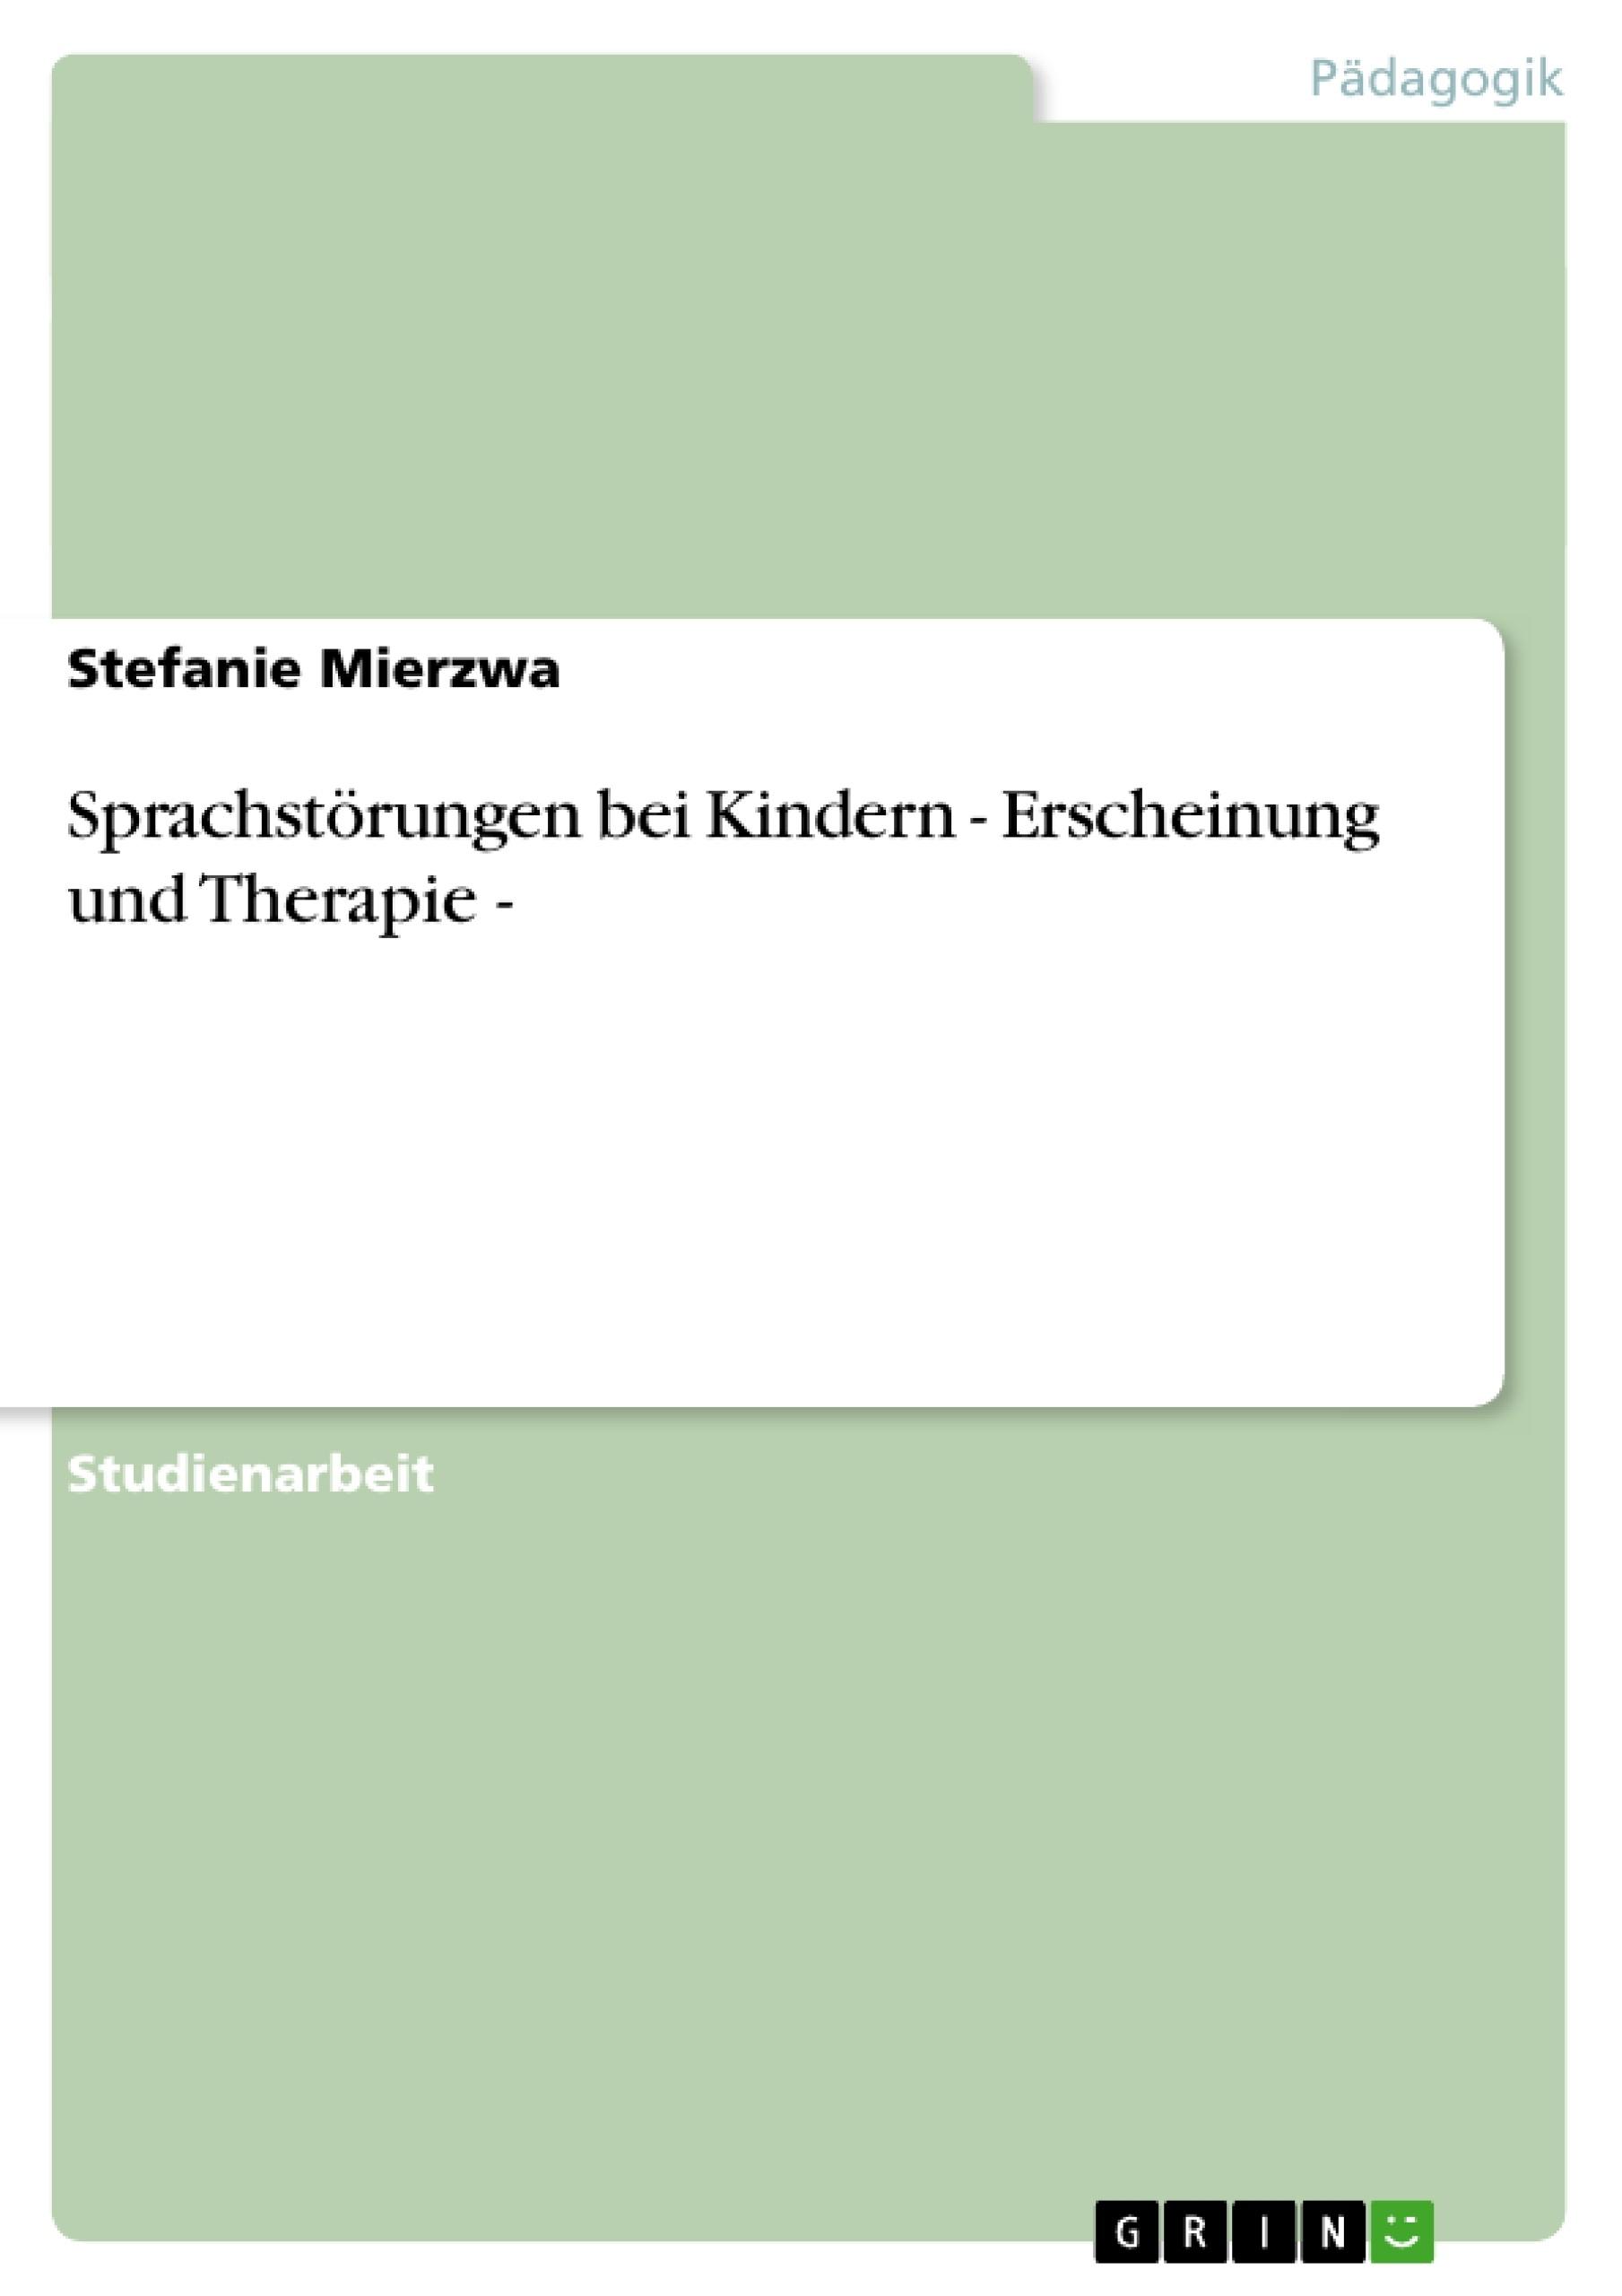 Titel: Sprachstörungen bei Kindern - Erscheinung und Therapie -